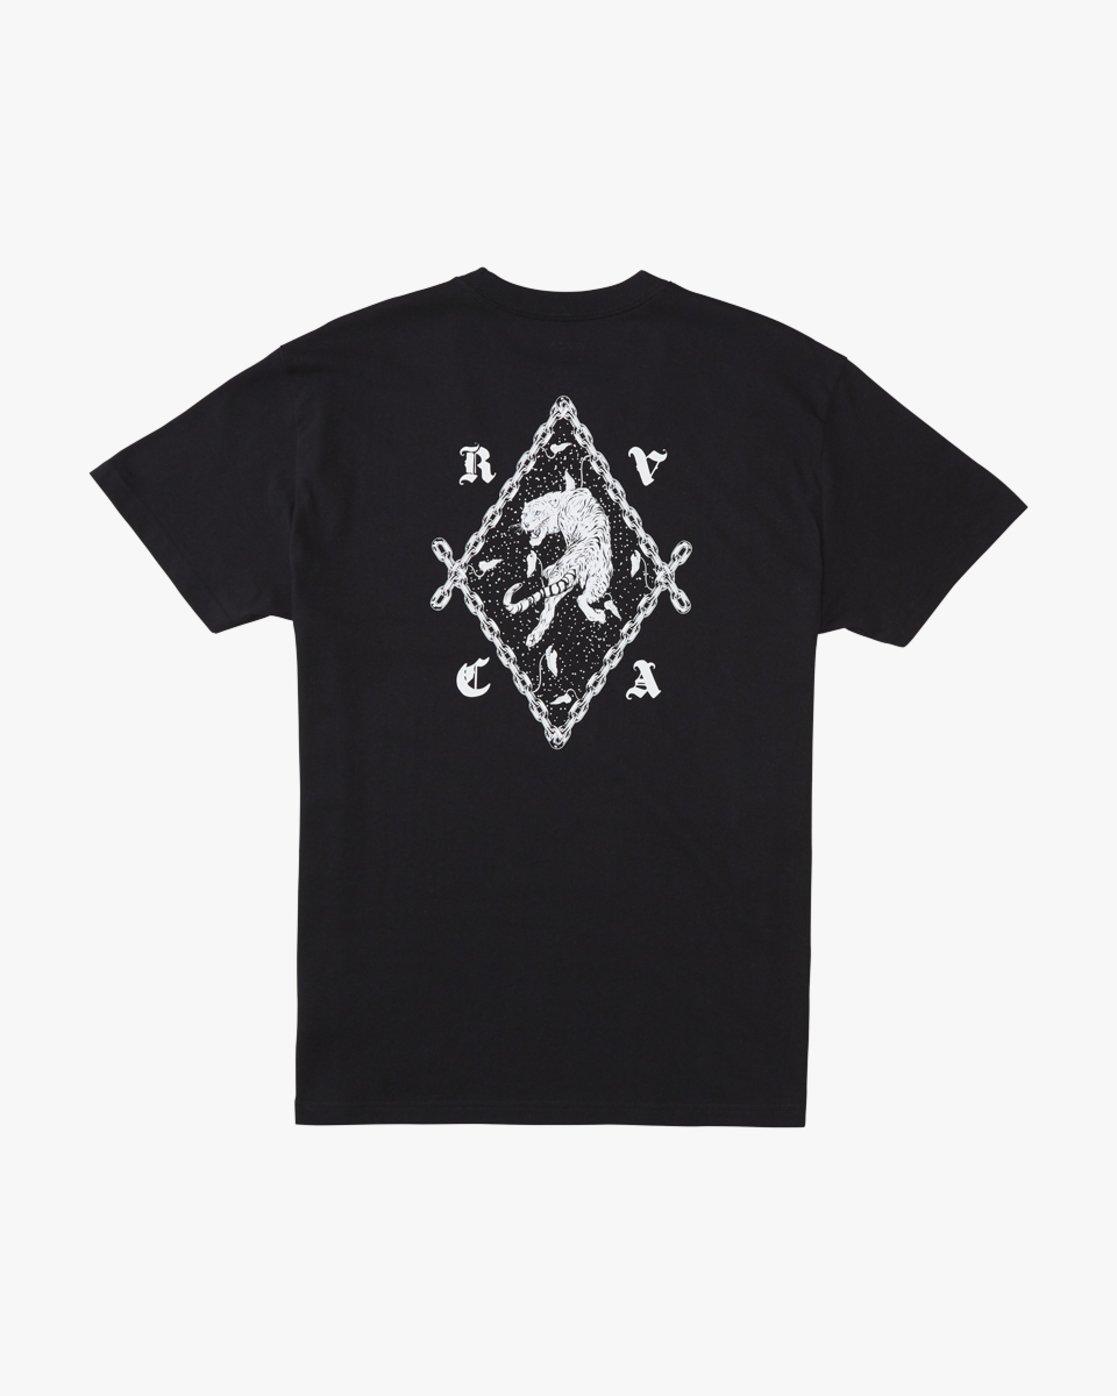 0 Benjamin Jeanjean RVCA Tiger  - Short Sleeve T-Shirt Black Q1SSRORVF9 RVCA